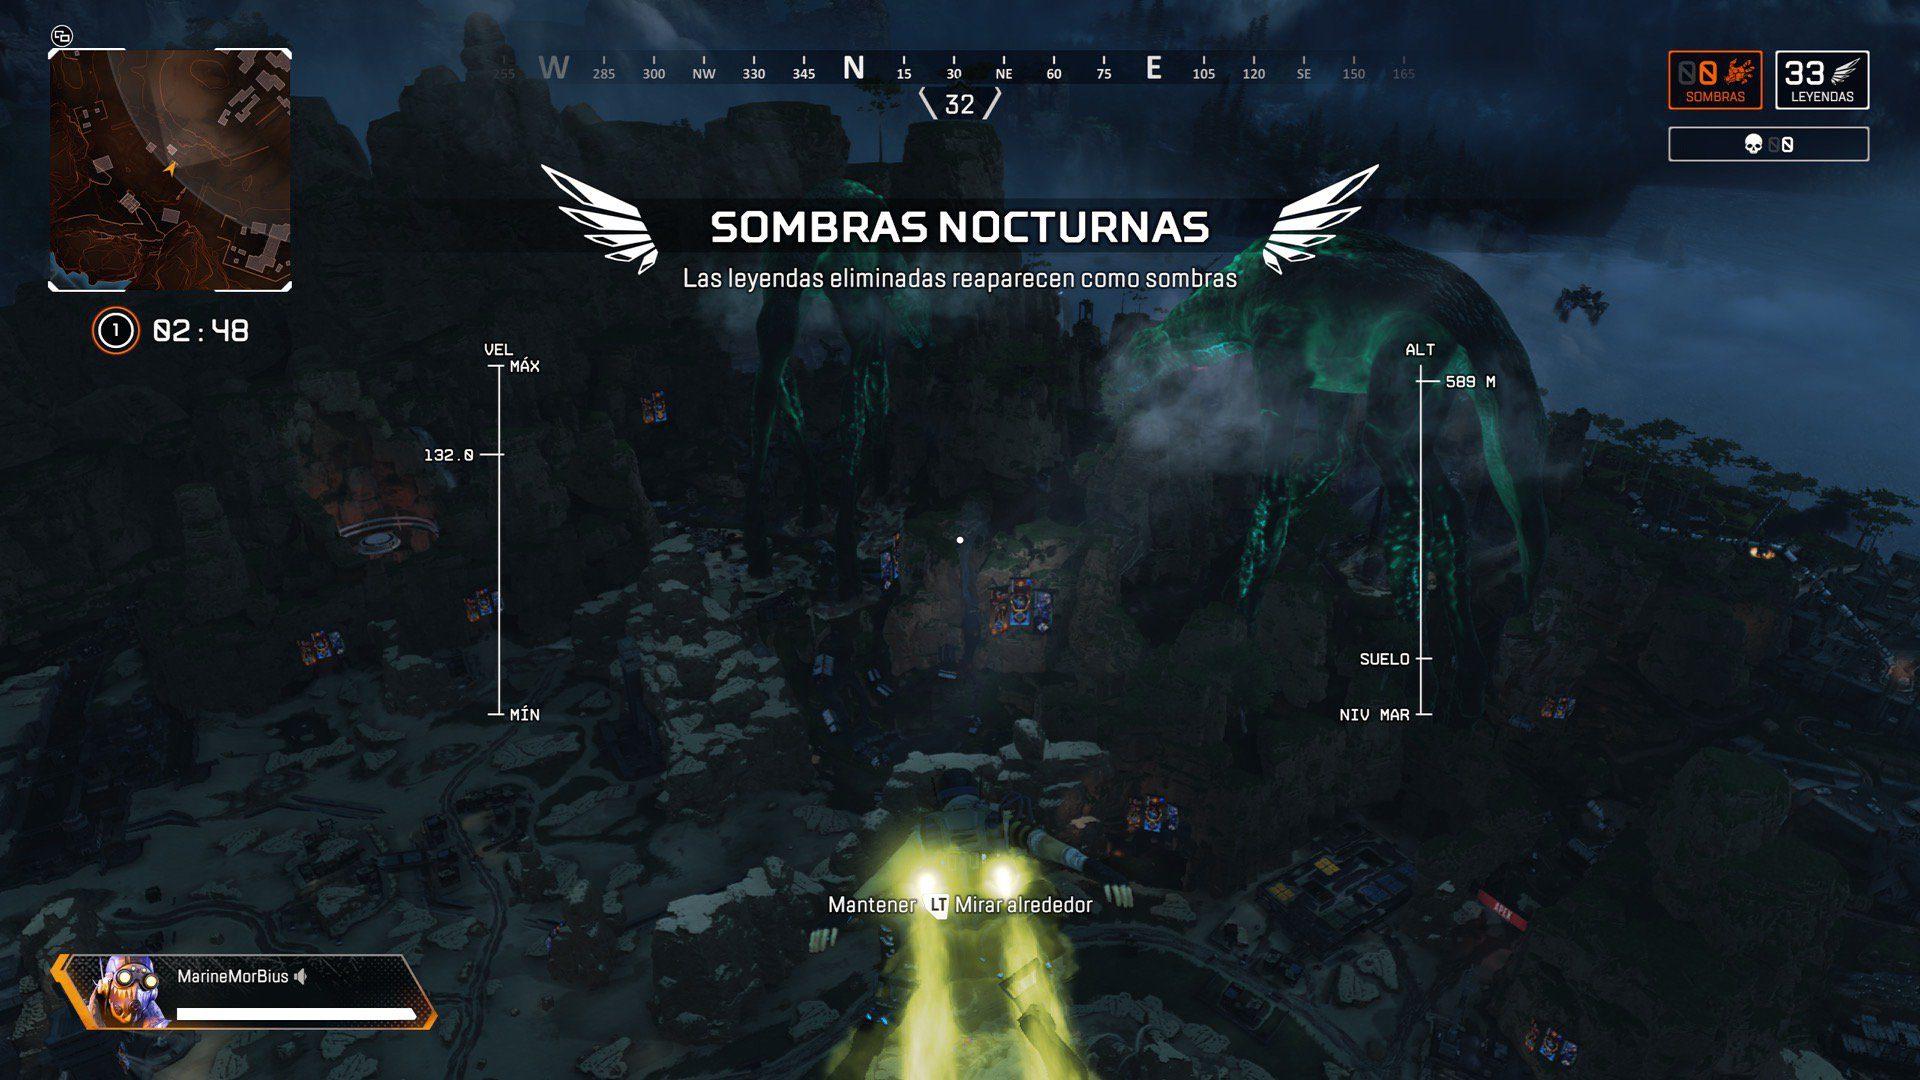 Así es Sombras Nocturnas, el genial nuevo modo de Apex Legends por Halloween